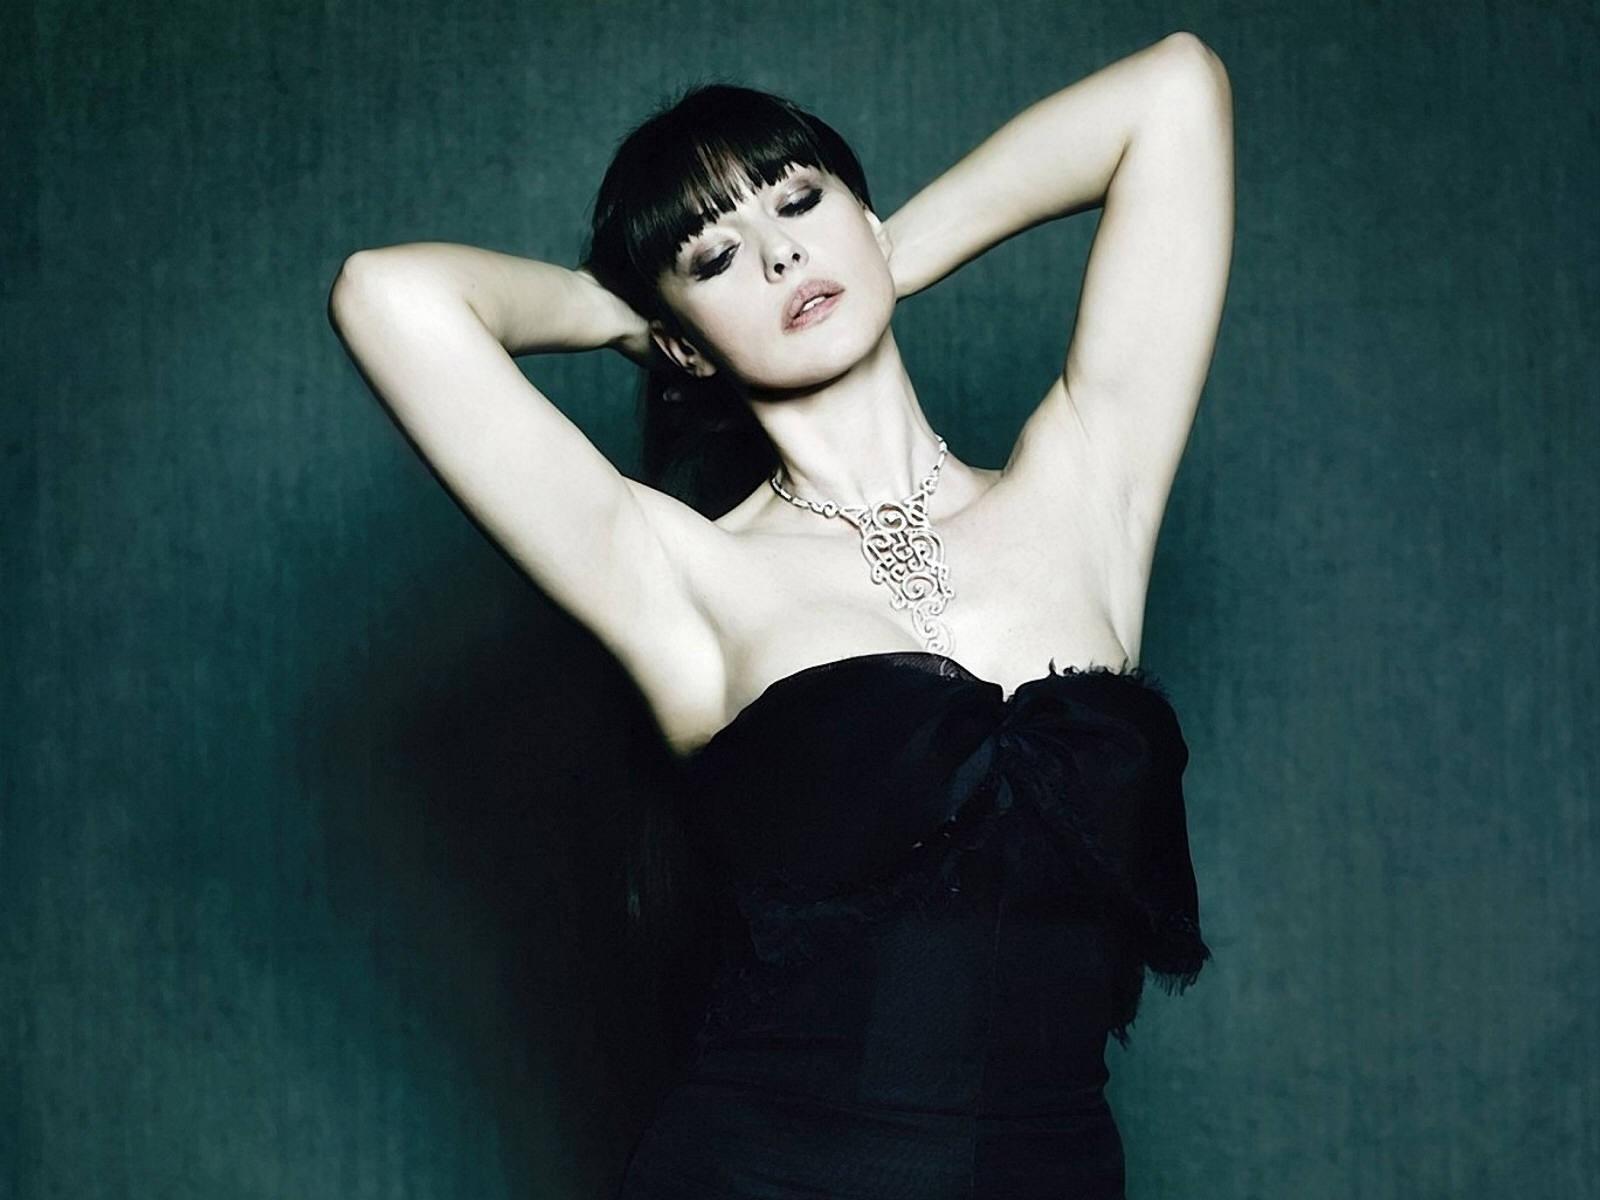 Wallpaper di Monica Bellucci, ex modella e attrice